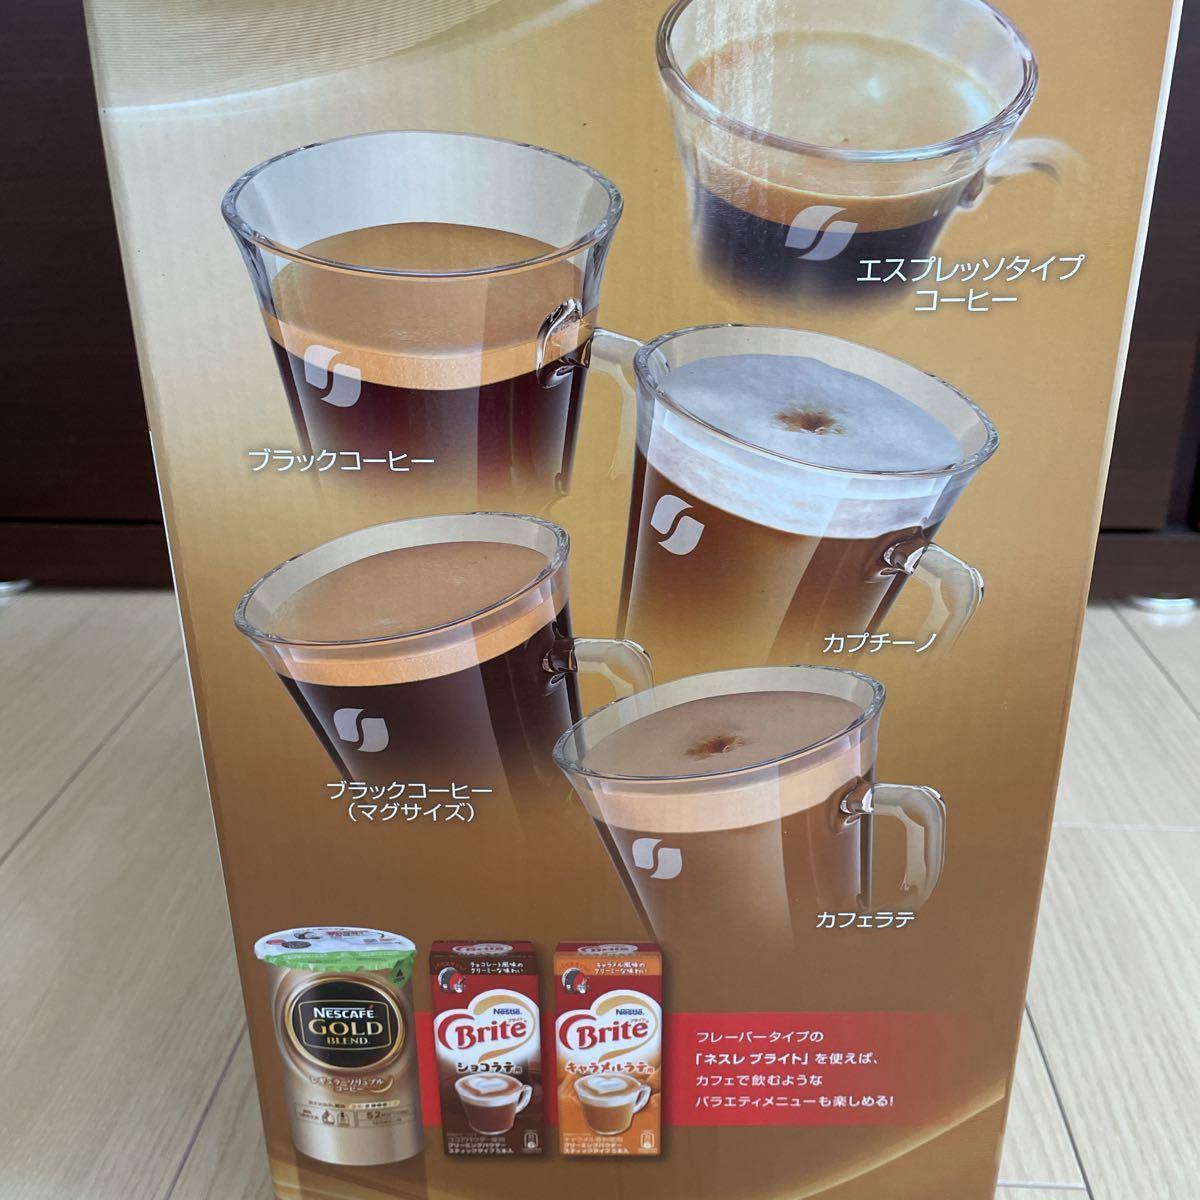 【最終お値下げ中】ネスカフェゴールドブレンド バリスタi  アイ レッド 新品未使用 コーヒーマシン Bluetooth